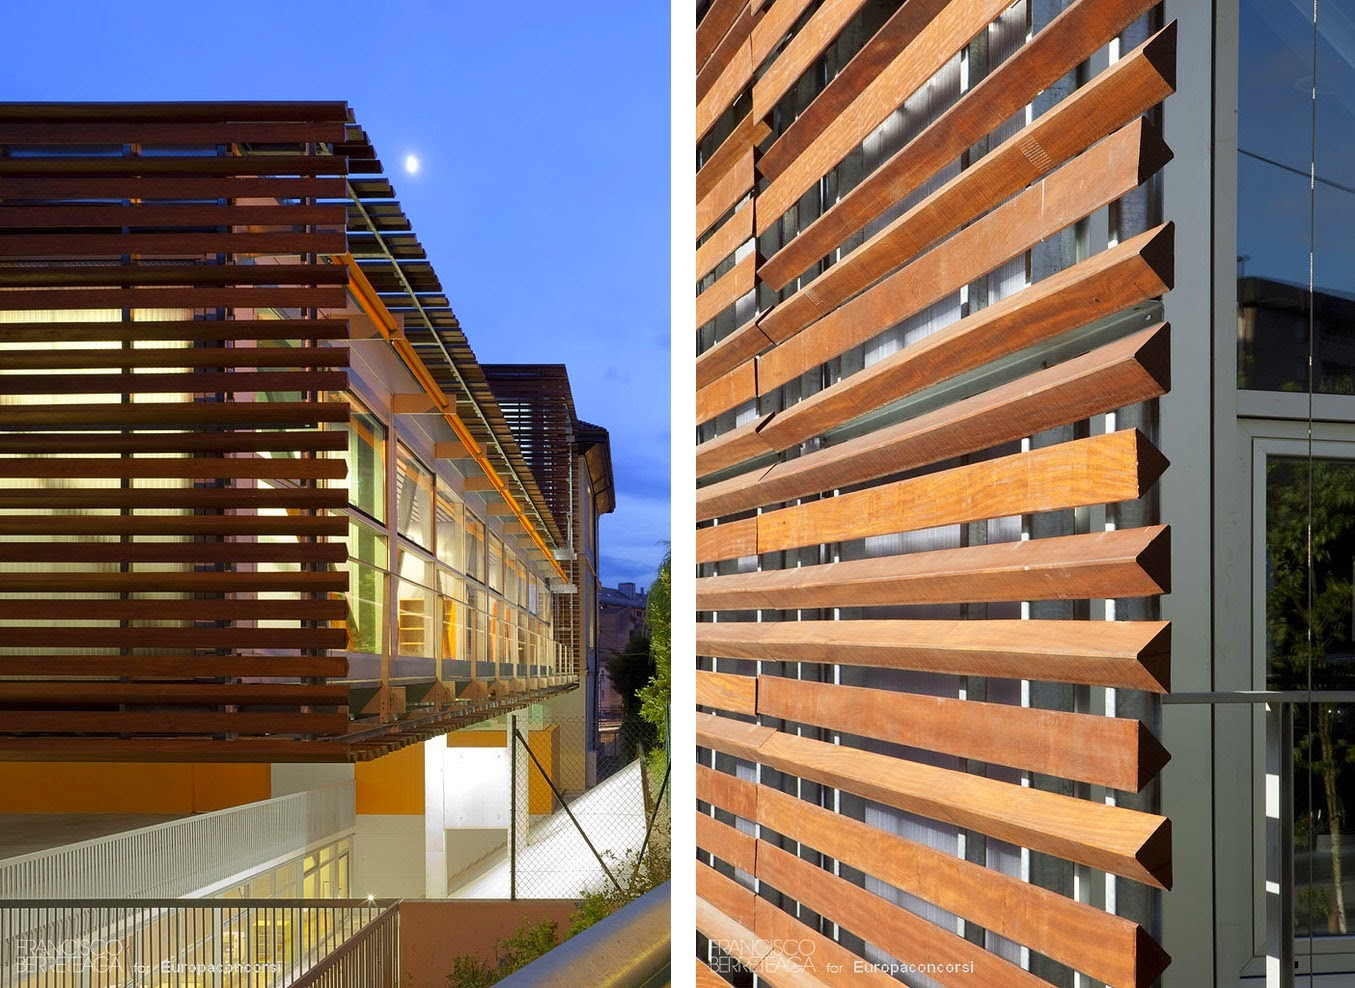 Arquitectura dise o interior persianas de madera en el - Fachadas arquitectura ...